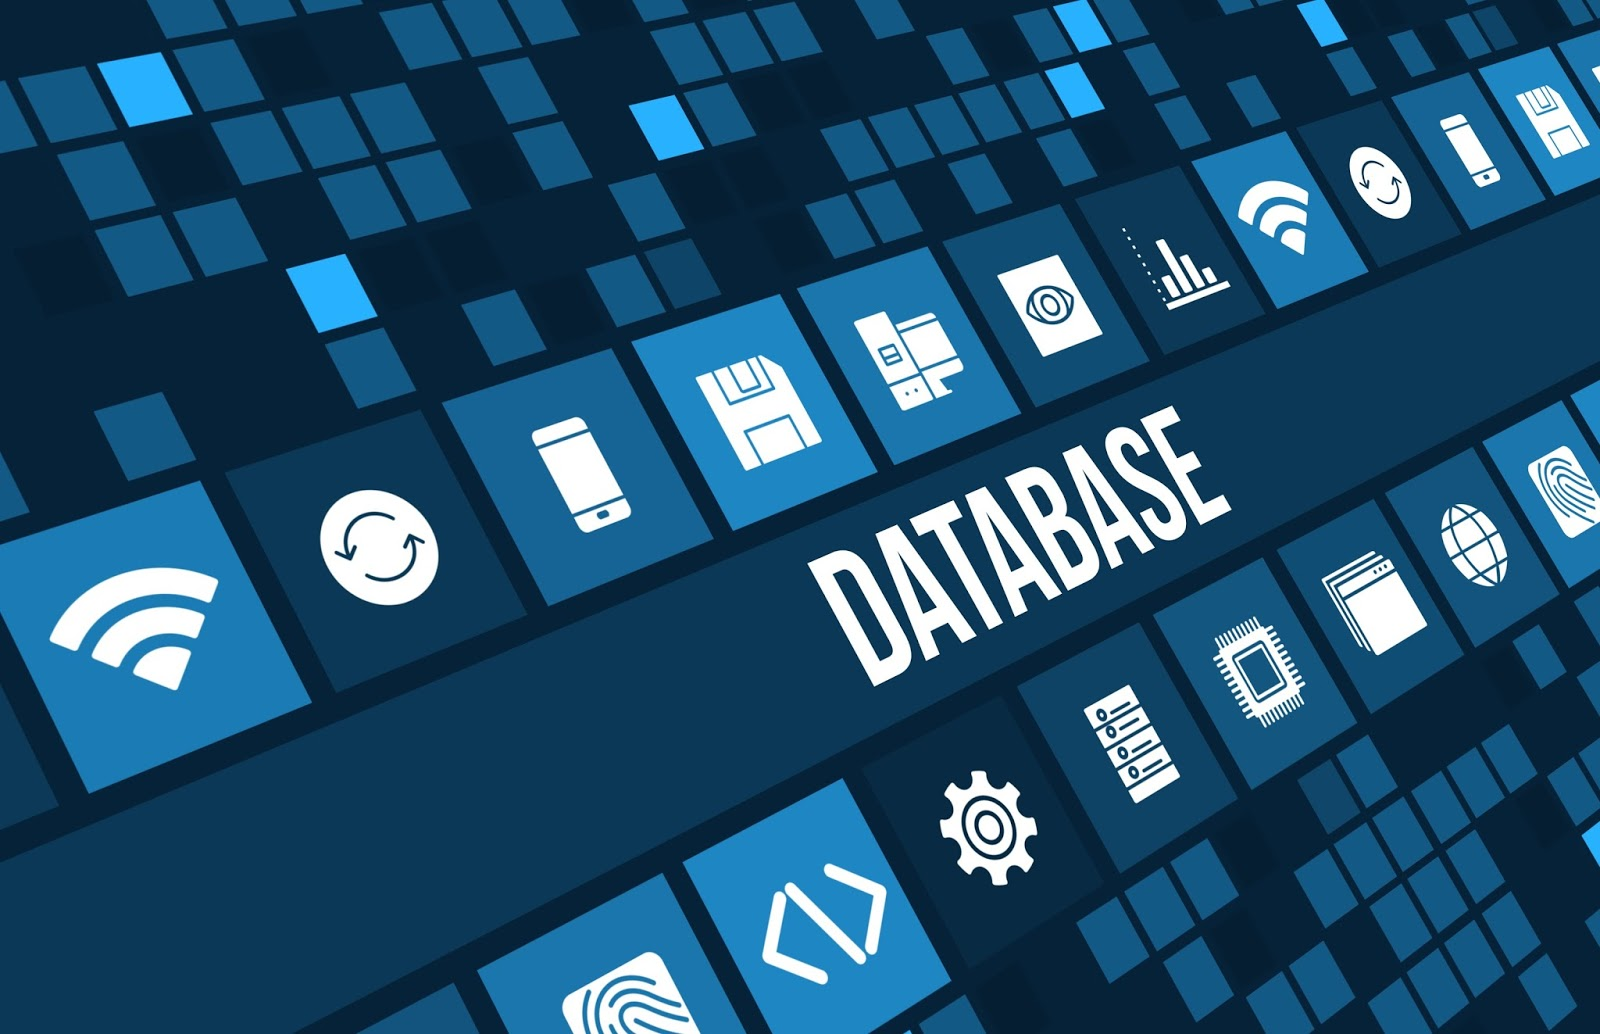 Cara Mendapatkan Uang Dari Database - Apa Itu Penipuan Bisnis Supplier Konveksi Gratis + Cara Kerja Adalah